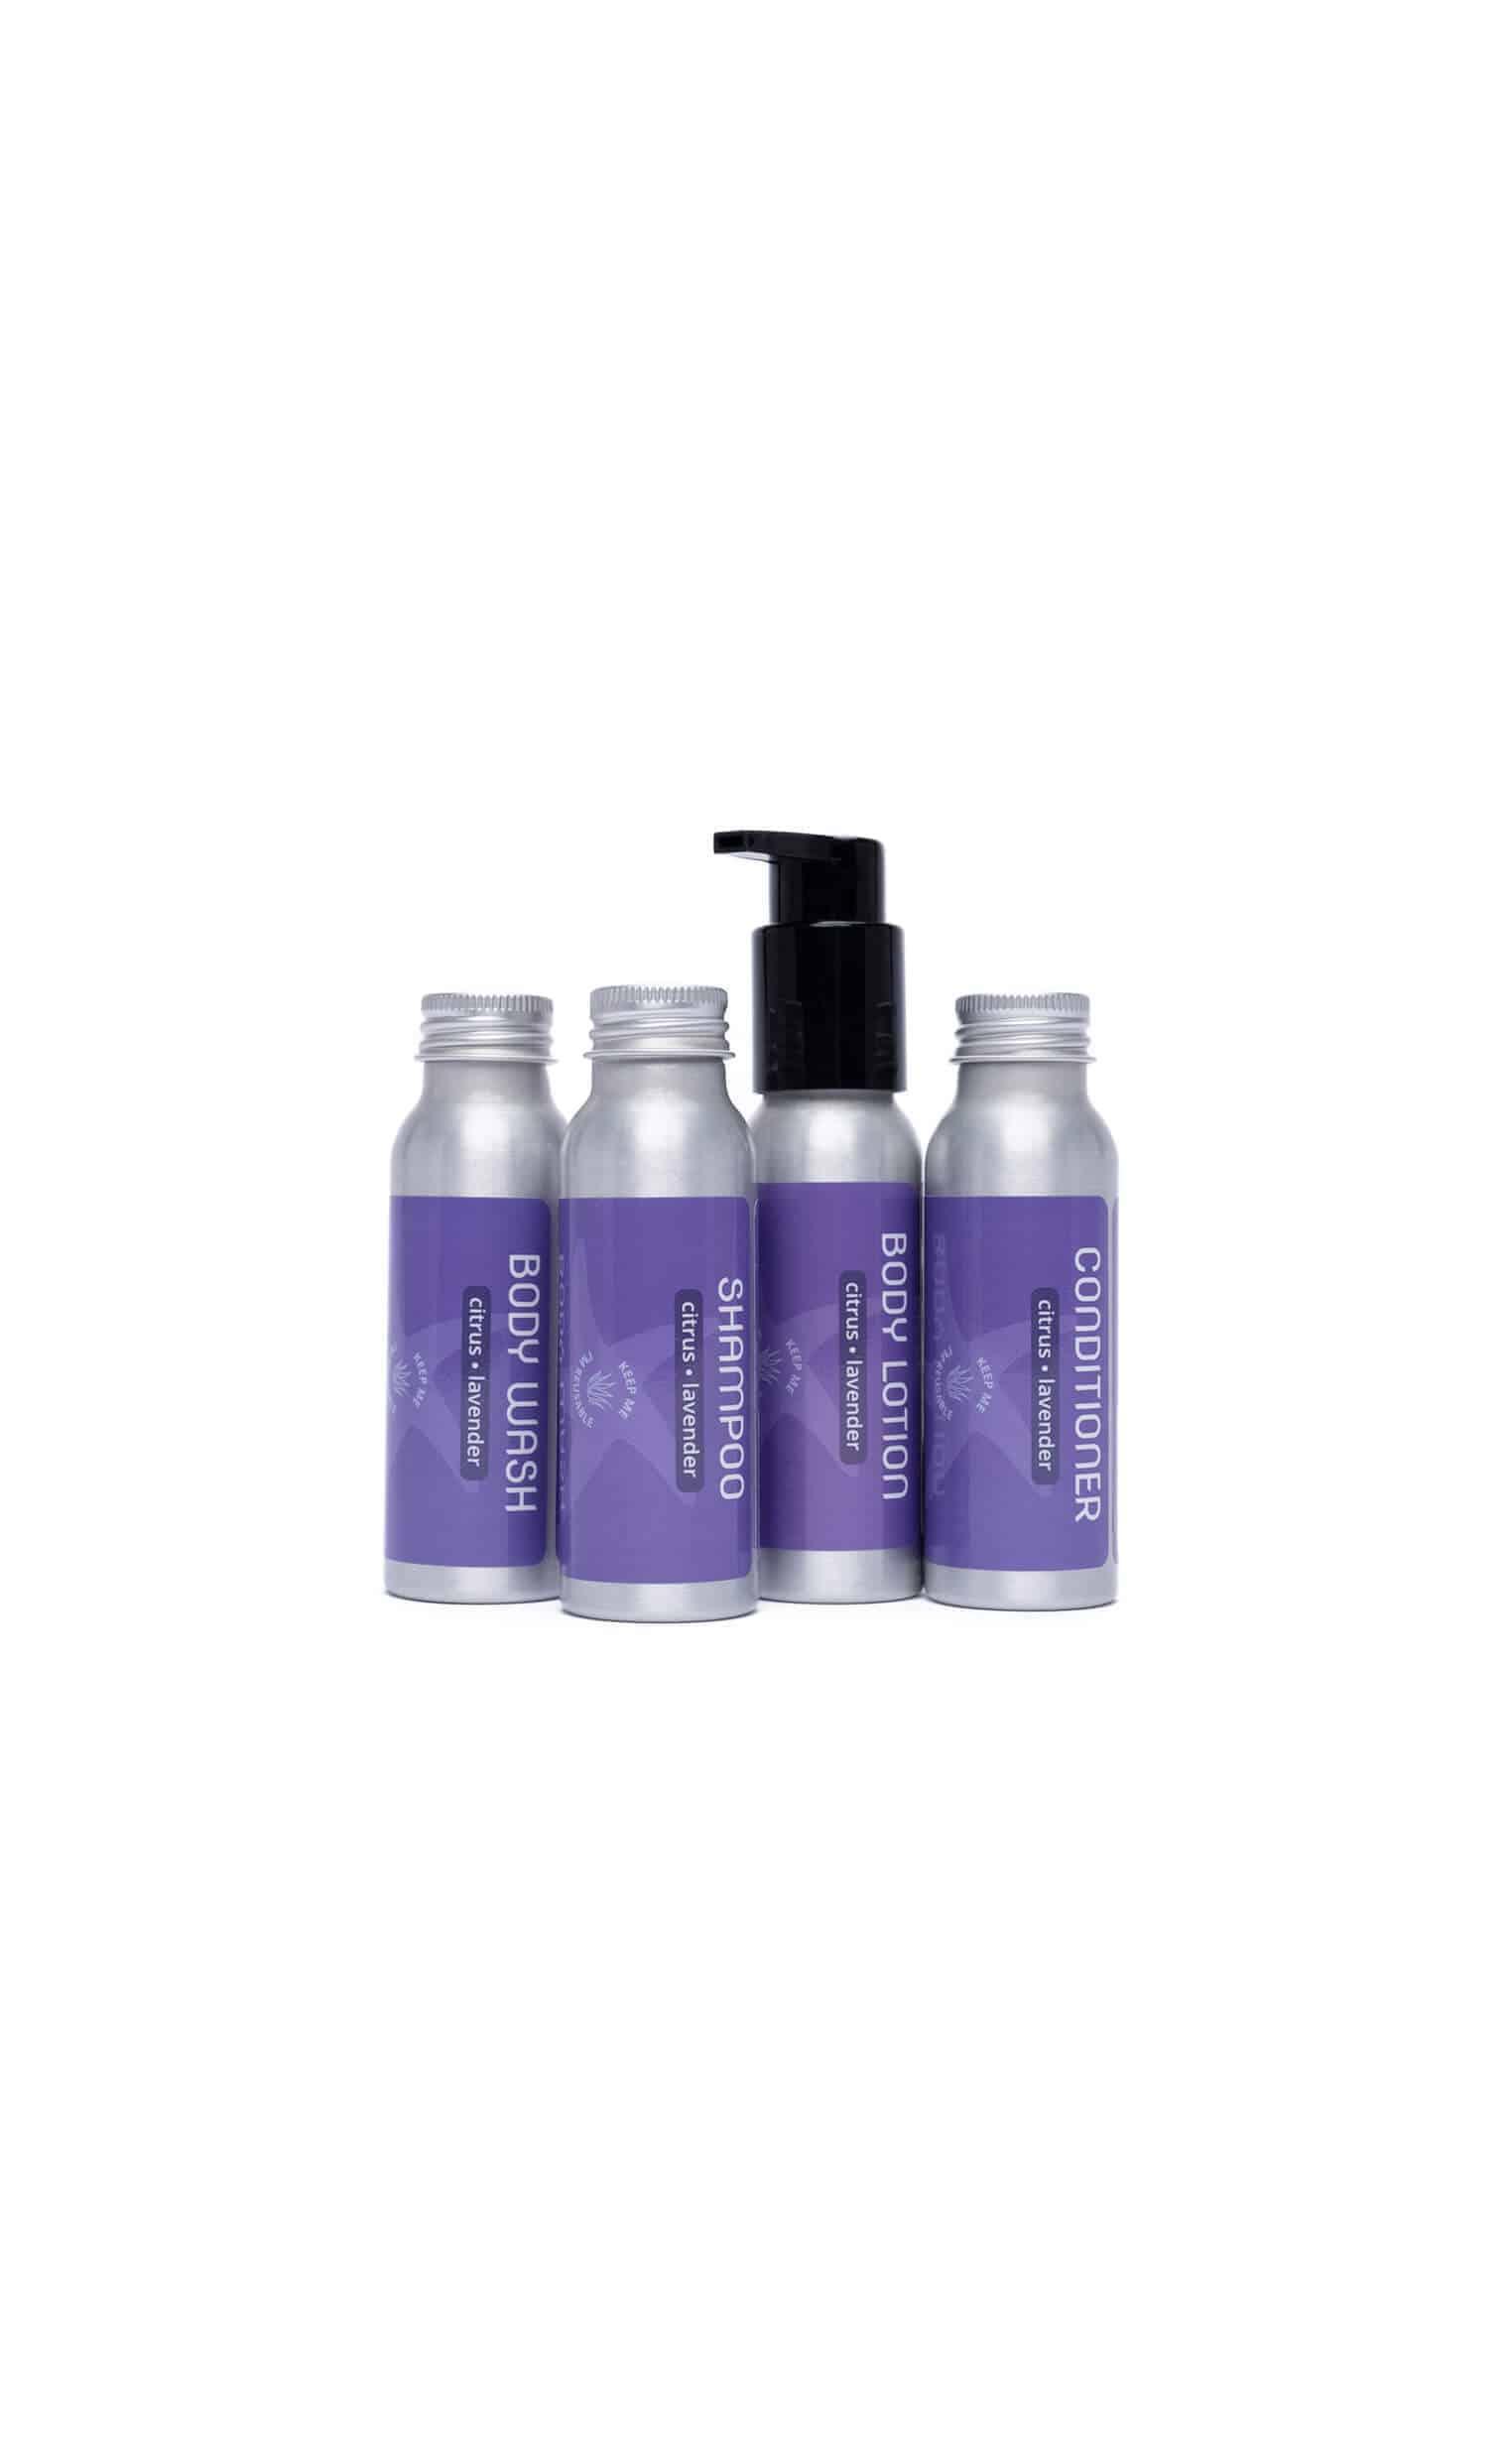 Travel Set – Citrus Lavender